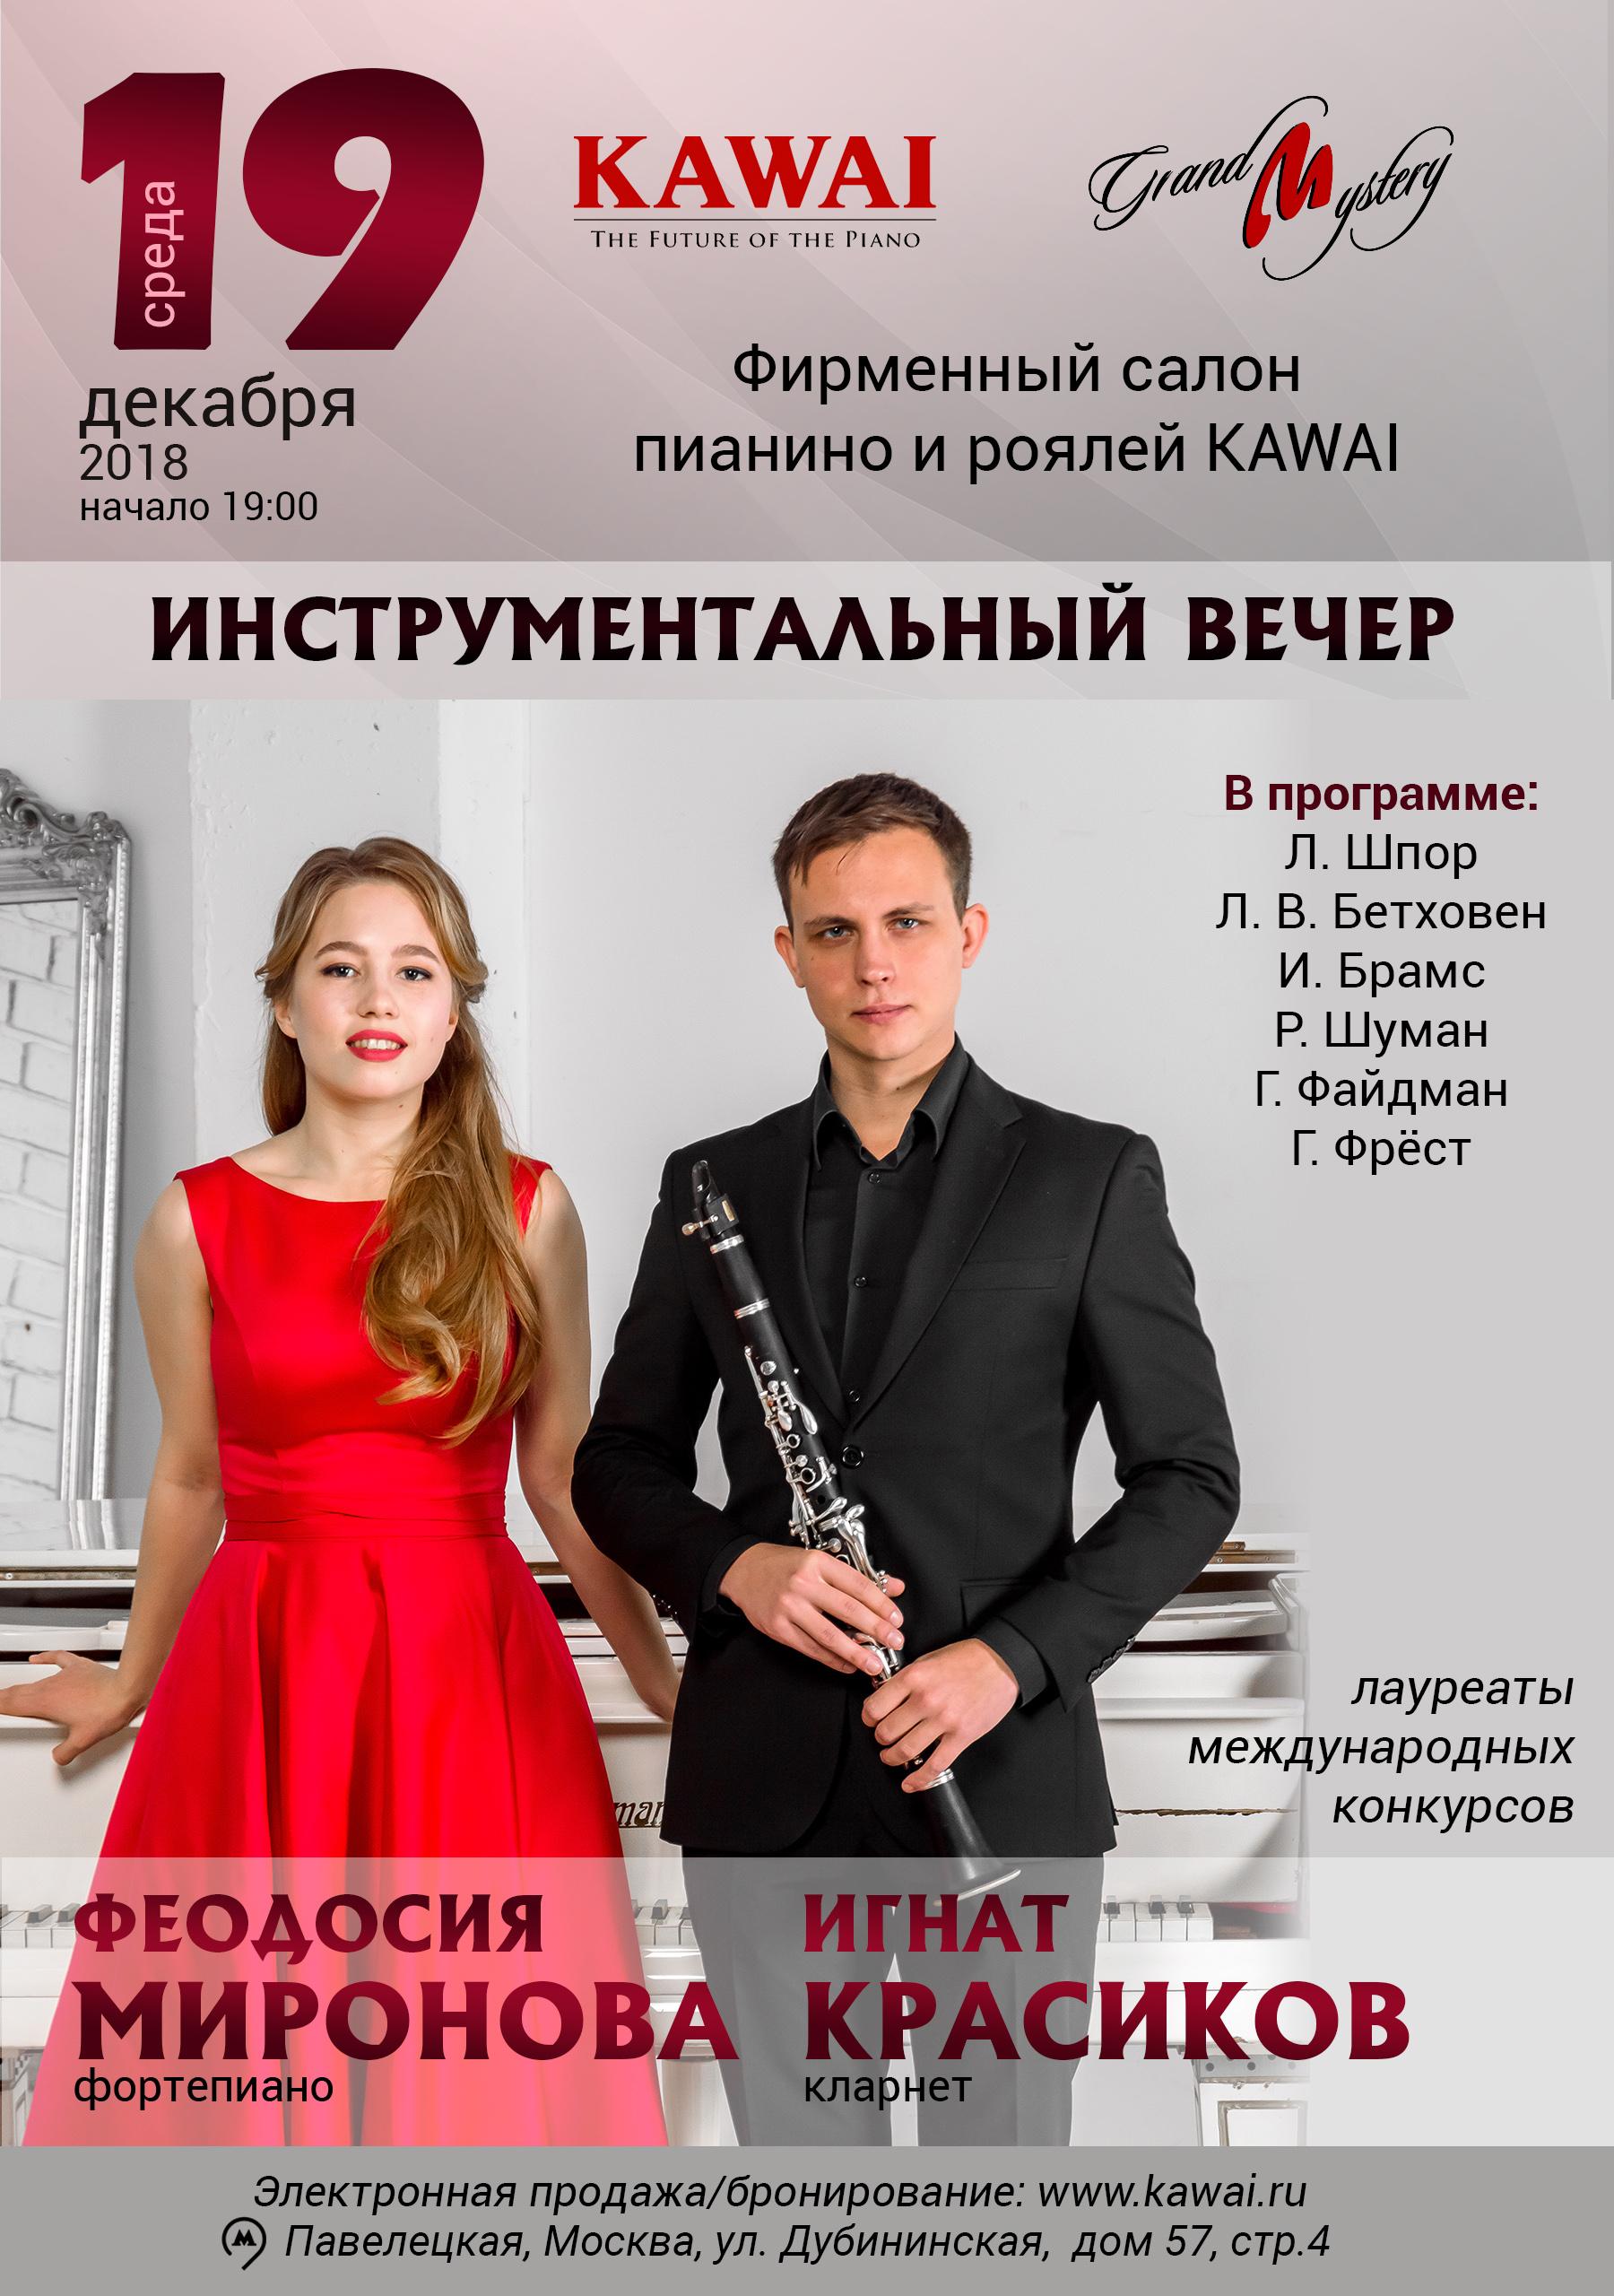 Инструментальный вечер Феодосии Мироновой и Игната Красикова